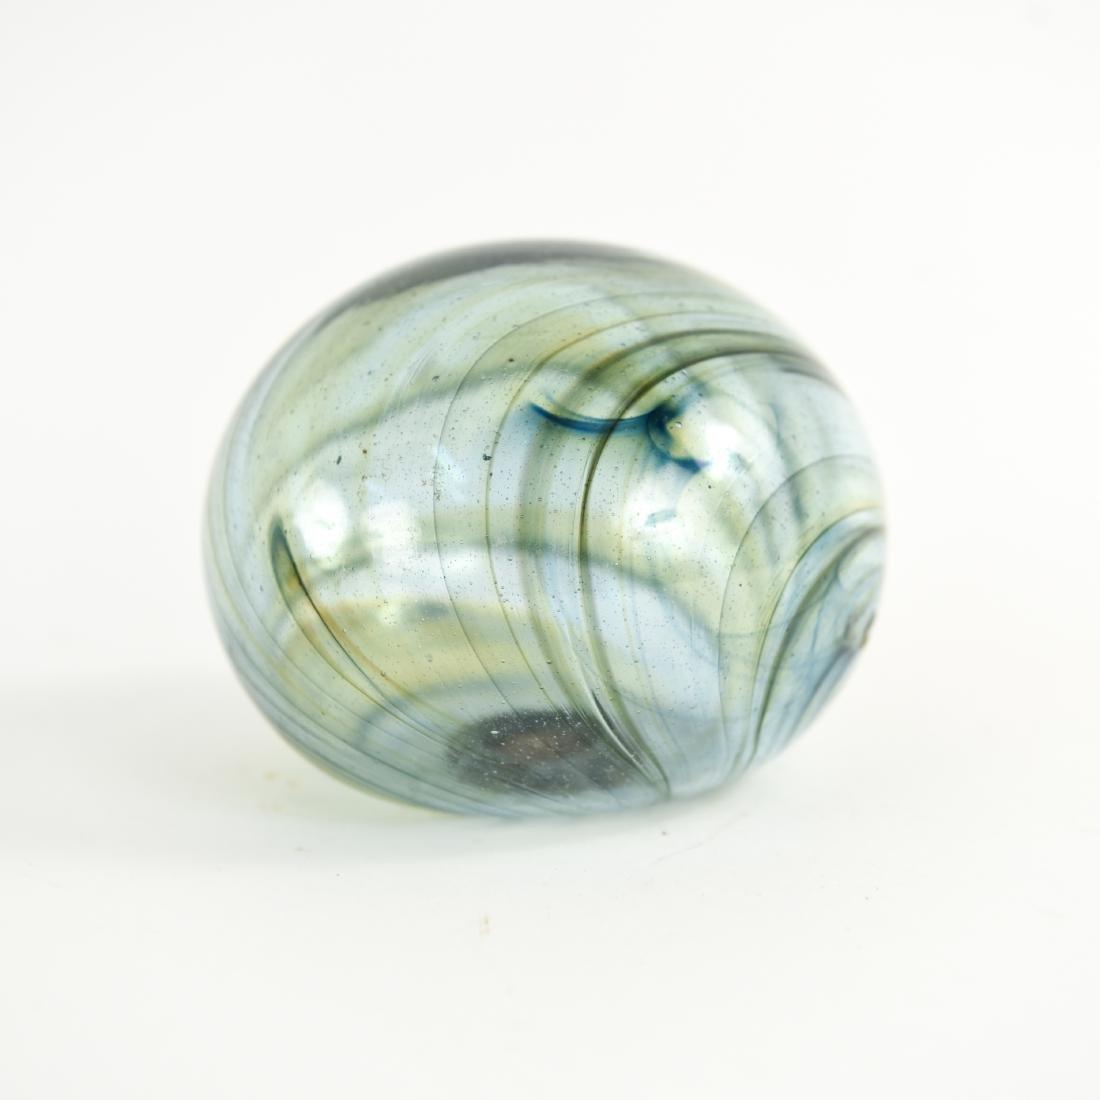 (3) PETER BRAMHALL (1942-) ART GLASS GROUPING - 3